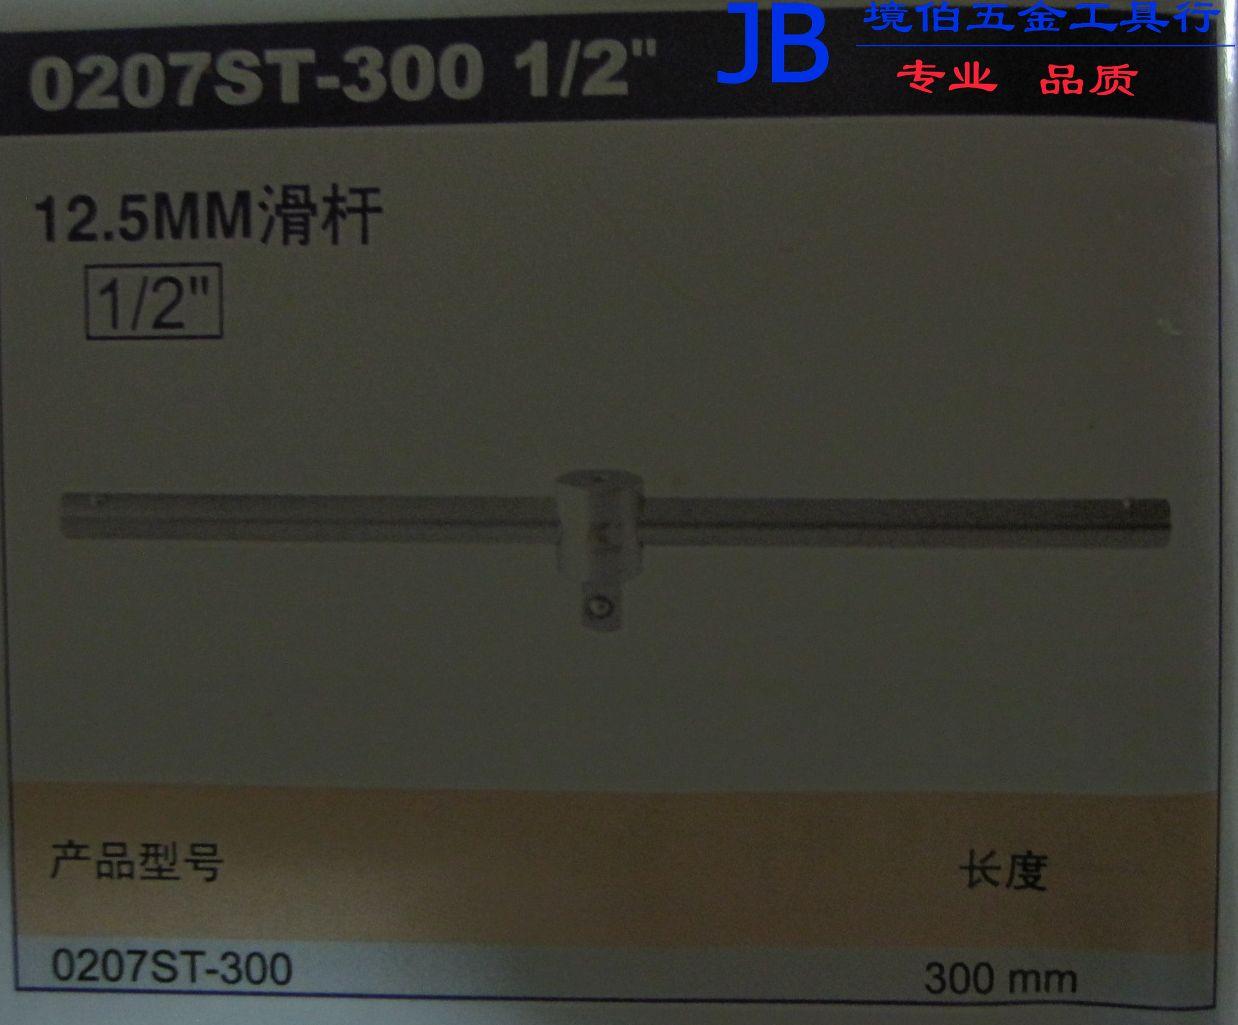 """德国K牌工具 0207ST-300 1/2"""" 12.5MM滑杆"""